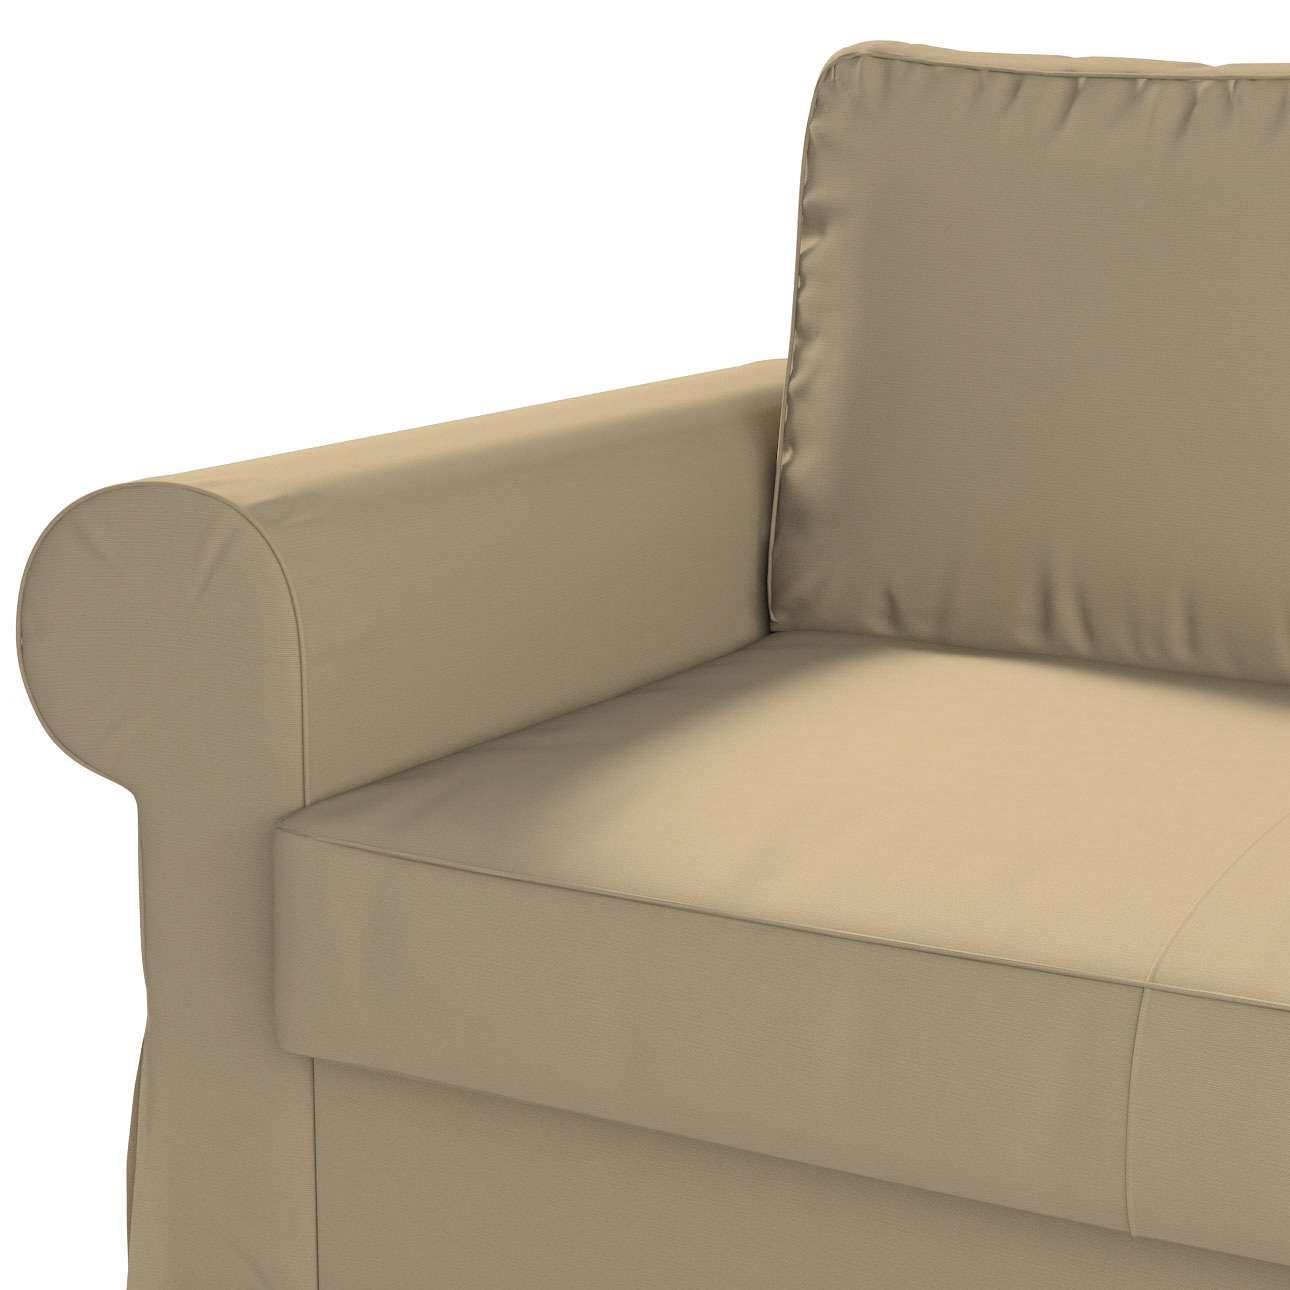 Backabro 2-Sitzer Sofabezug nicht ausklappbar Backabro 2-Sitzer Sofa von der Kollektion Cotton Panama, Stoff: 702-01